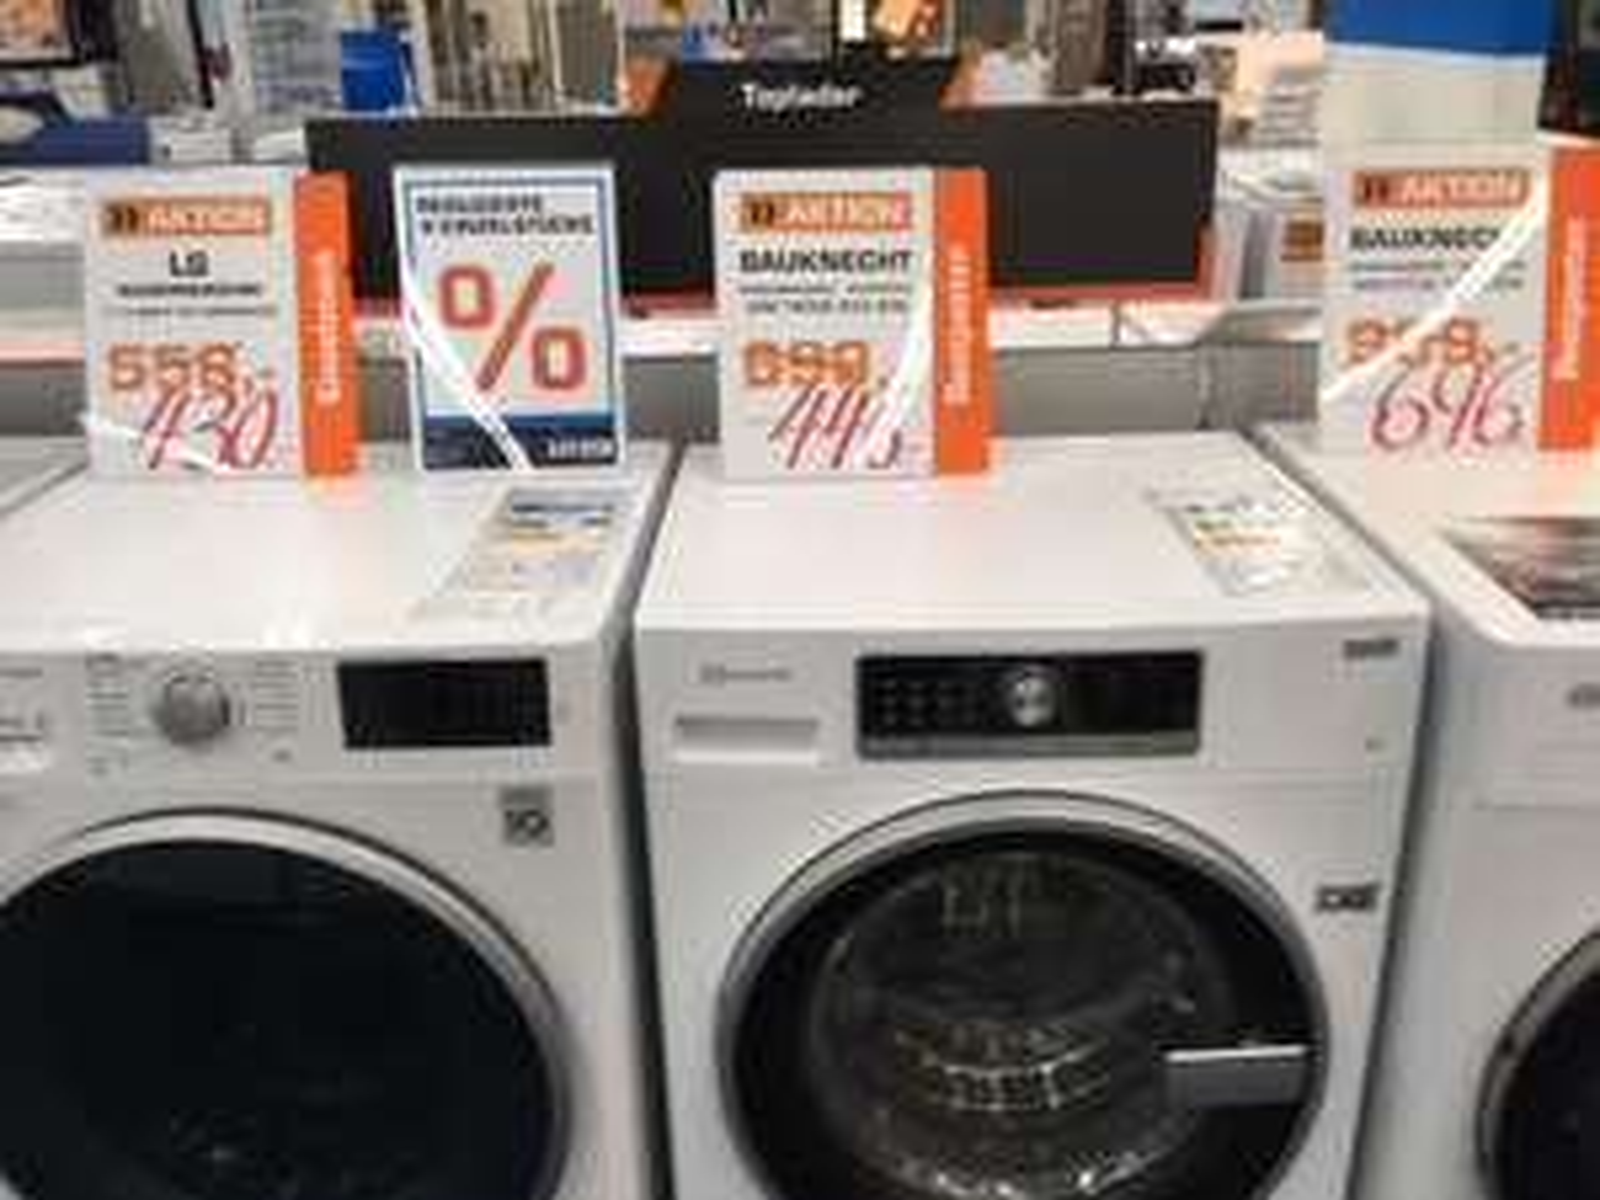 Saturn Hamburg: Waschmaschinen von bis zu 40% reduziert - Bosch, Samsung, Bauknecht, Siemens